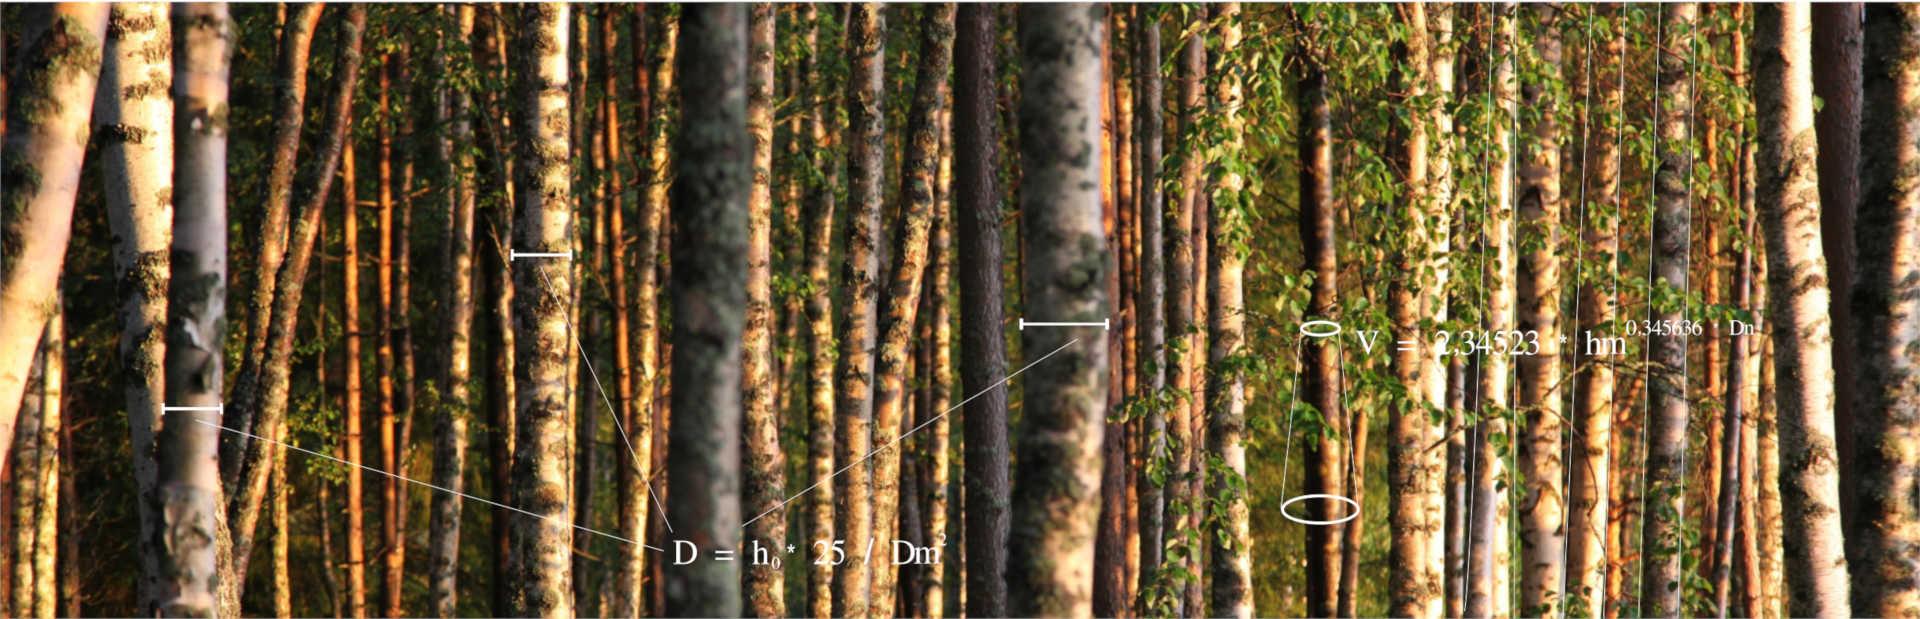 I+D Forestal